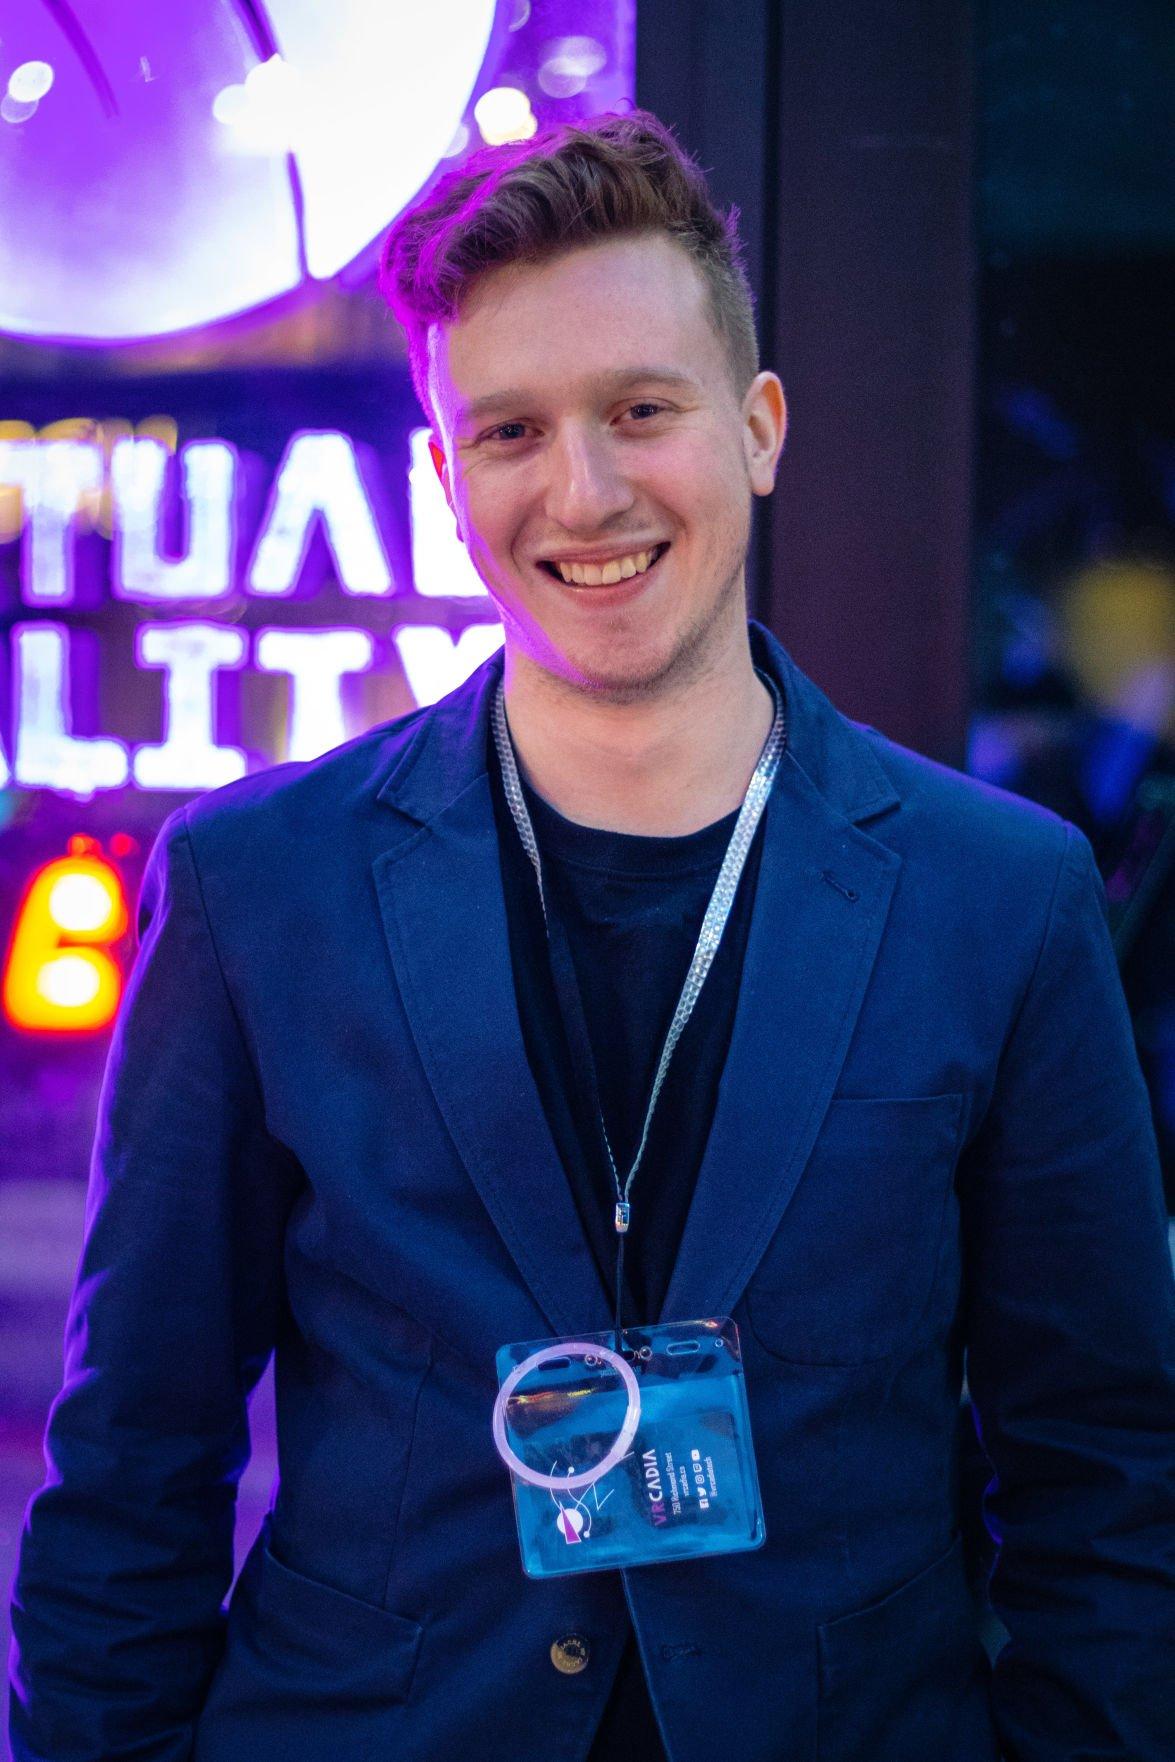 VRCadia Owner Portrait Shot